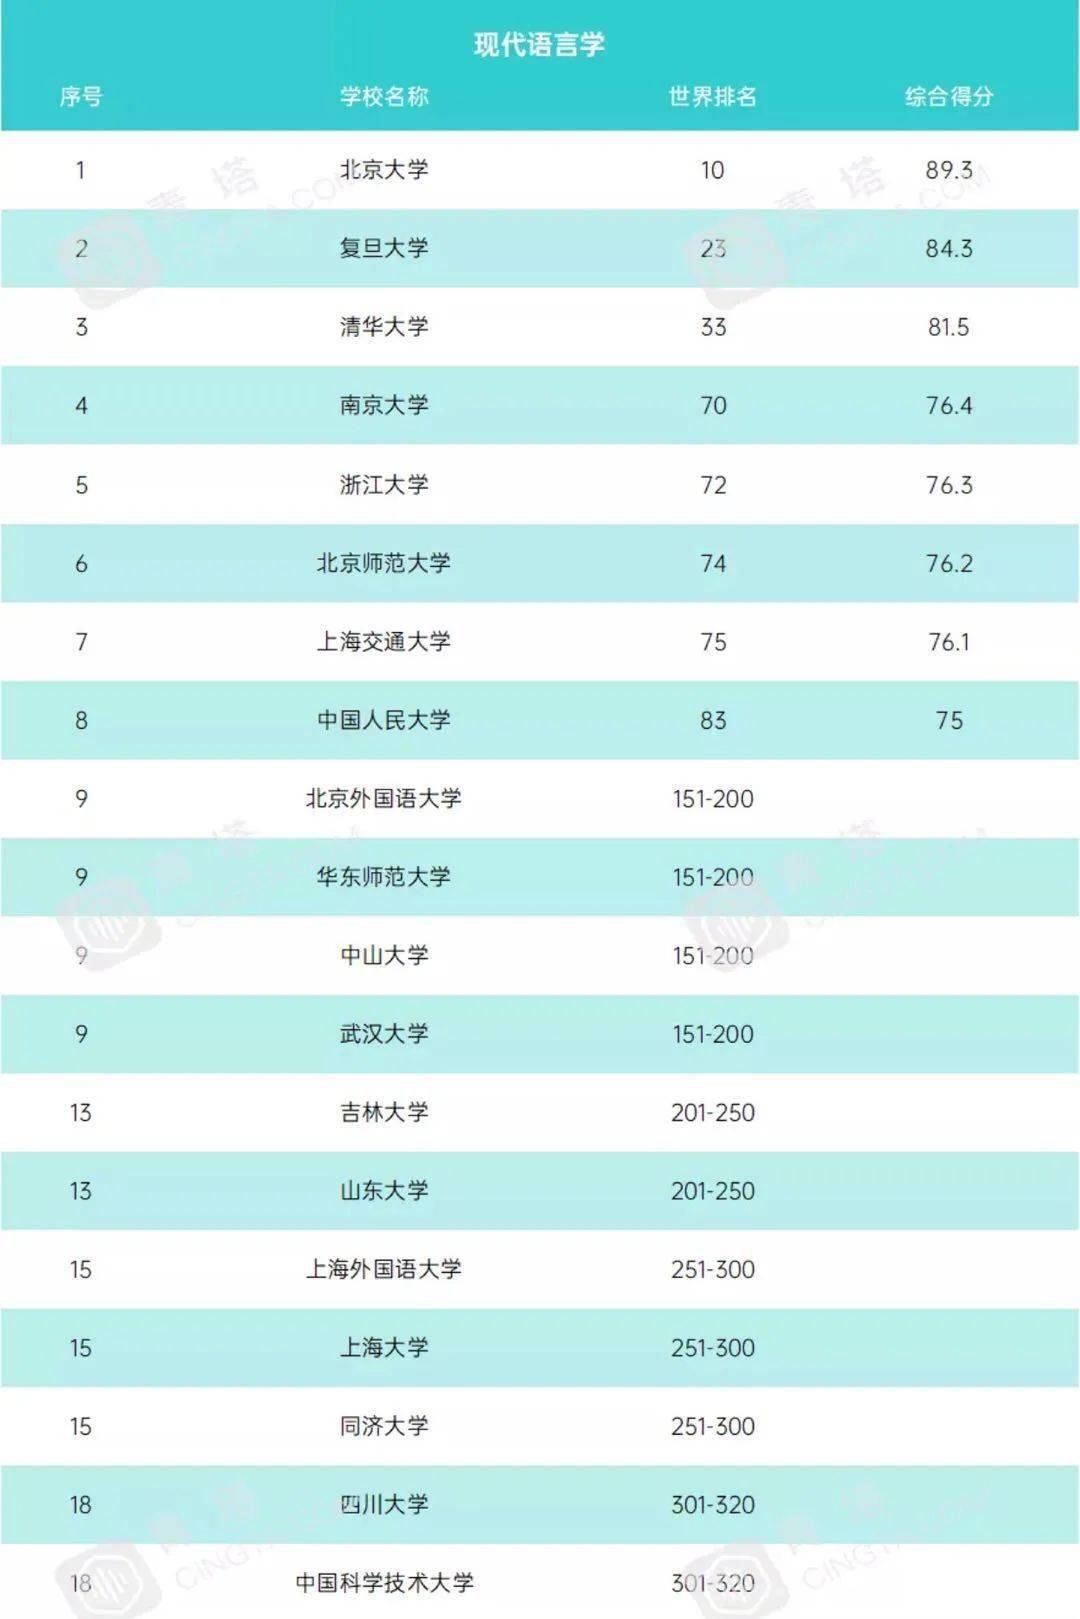 世界语言排名_世界语言使用人数排名